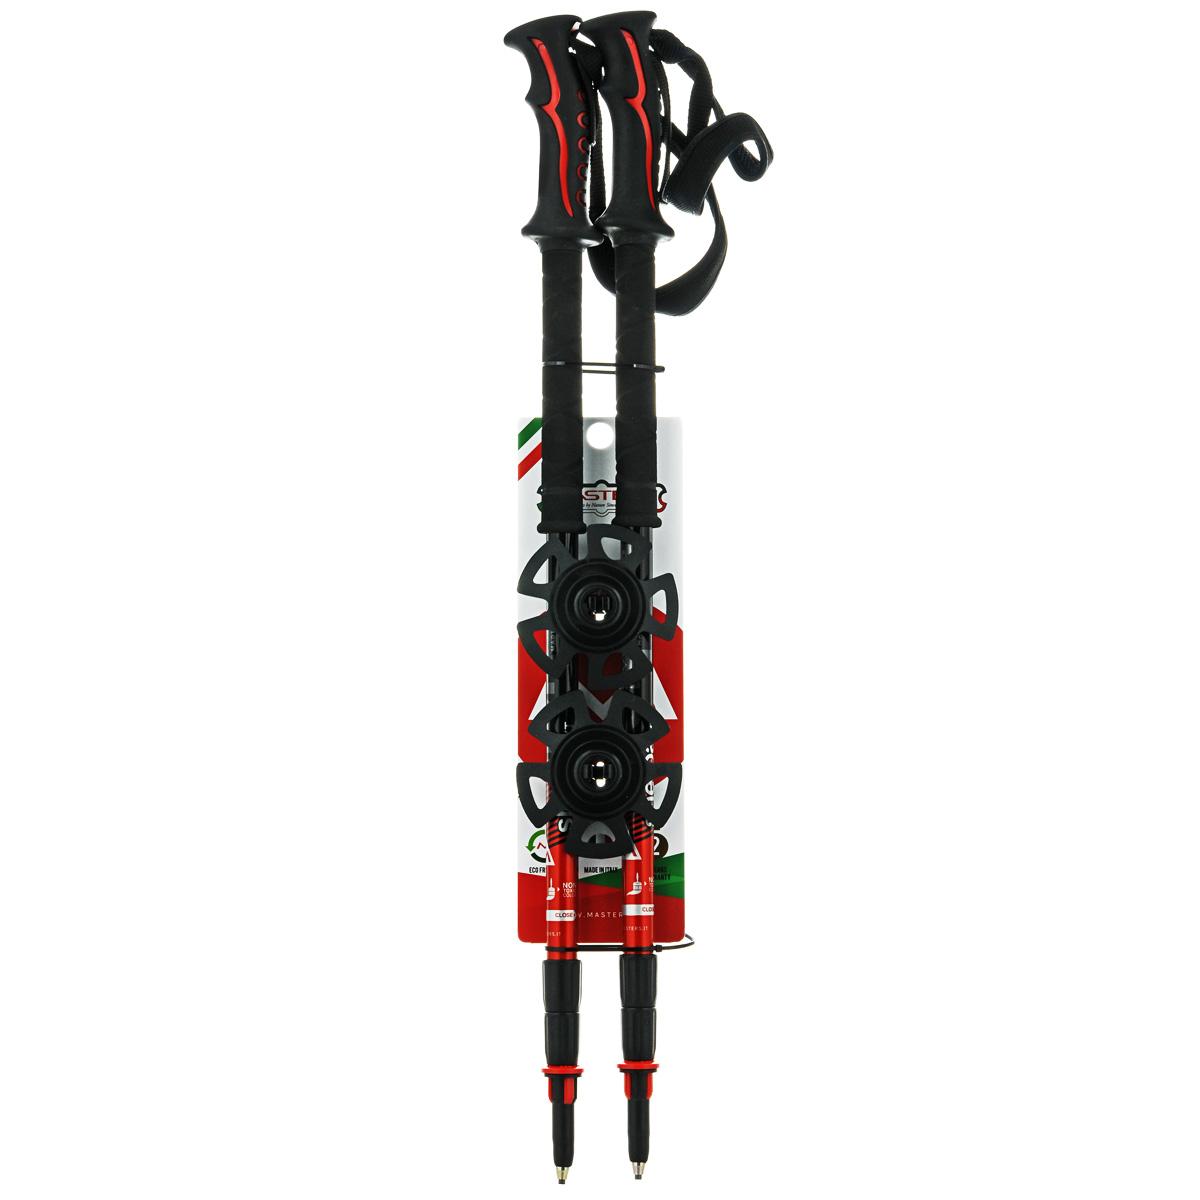 Палки для трекинга Masters Sherpa XT, телескопические, 65-140 см01S0514Masters Sherpa XT - телескопические трекинговые палки, отличающиеся особой прочностью и запатентованной системой секционной блокировки SBS - Super Blocking System, разработанной по цанговому принципу с расширенной площадью блокировки колена, позволяющей выдерживать большие нагрузки. Разработаны для экстремальных походов и восхождений с дополнительным весом. Имеют эргономичную рукоятку Soft Touch отличающуюся особой мягкой поверхностью с влагоотводящей текстурой, а также дополнительным продолжением для низкого хвата Foam, что позволяет произвести комфортный хват при любом градусе подъема или спуска. Эргономичный регулируемый темляк с запатентованной системой блокировки длины при изменении угла Automatic Stop. При весе всего в 280 г используется легкий, упругий и самый прочный алюминиевый сплав 7075. Палки телескопические состоят из 3 секций для удобства транспортировки на рюкзаке или ином снаряжении. В нижних двух секциях расположена метрическая...